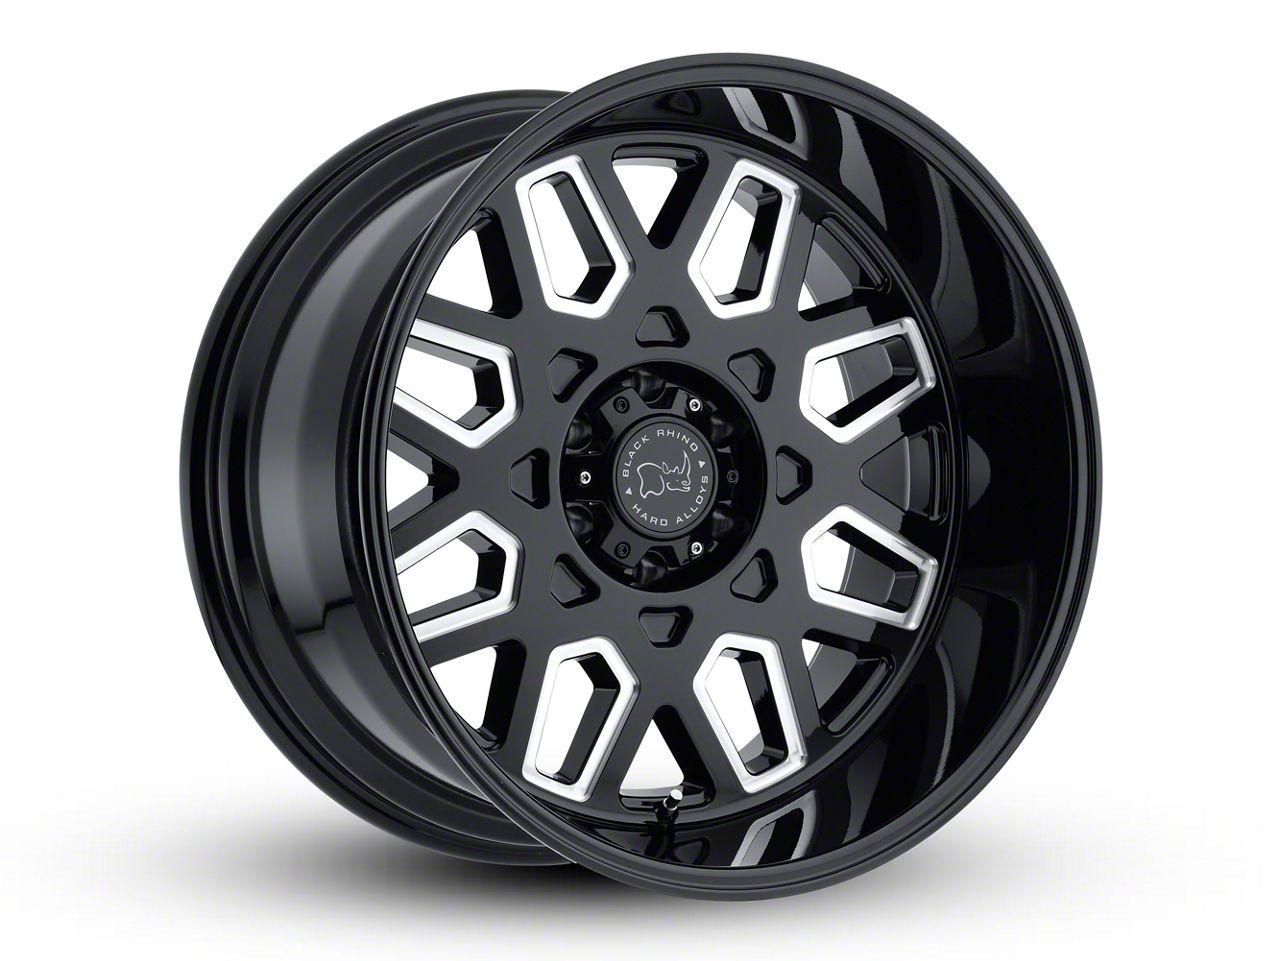 Black Rhino Predator Gloss Black Milled 6-Lug Wheel - 22x12 (99-18 Silverado 1500)